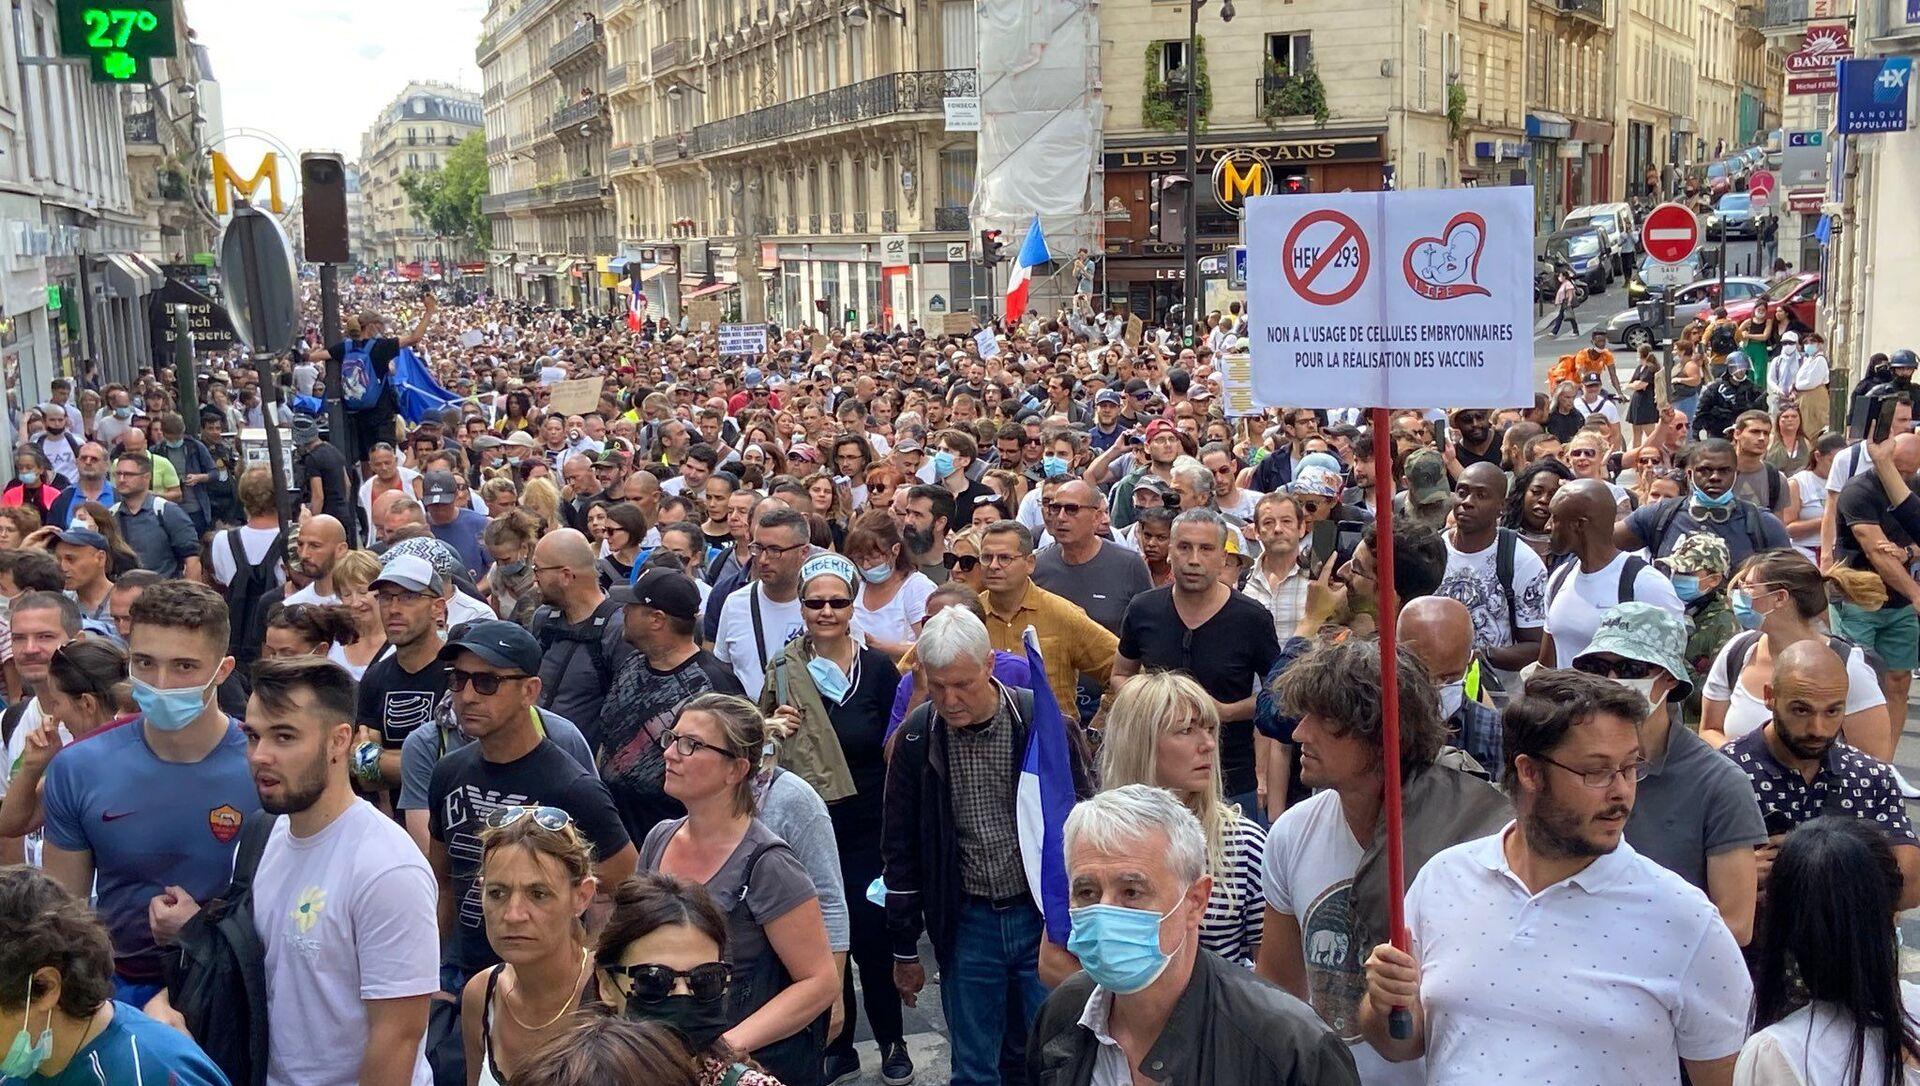 Manifestation contre le pass sanitaire à Paris, le 31 juillet 2021 - Sputnik France, 1920, 13.08.2021